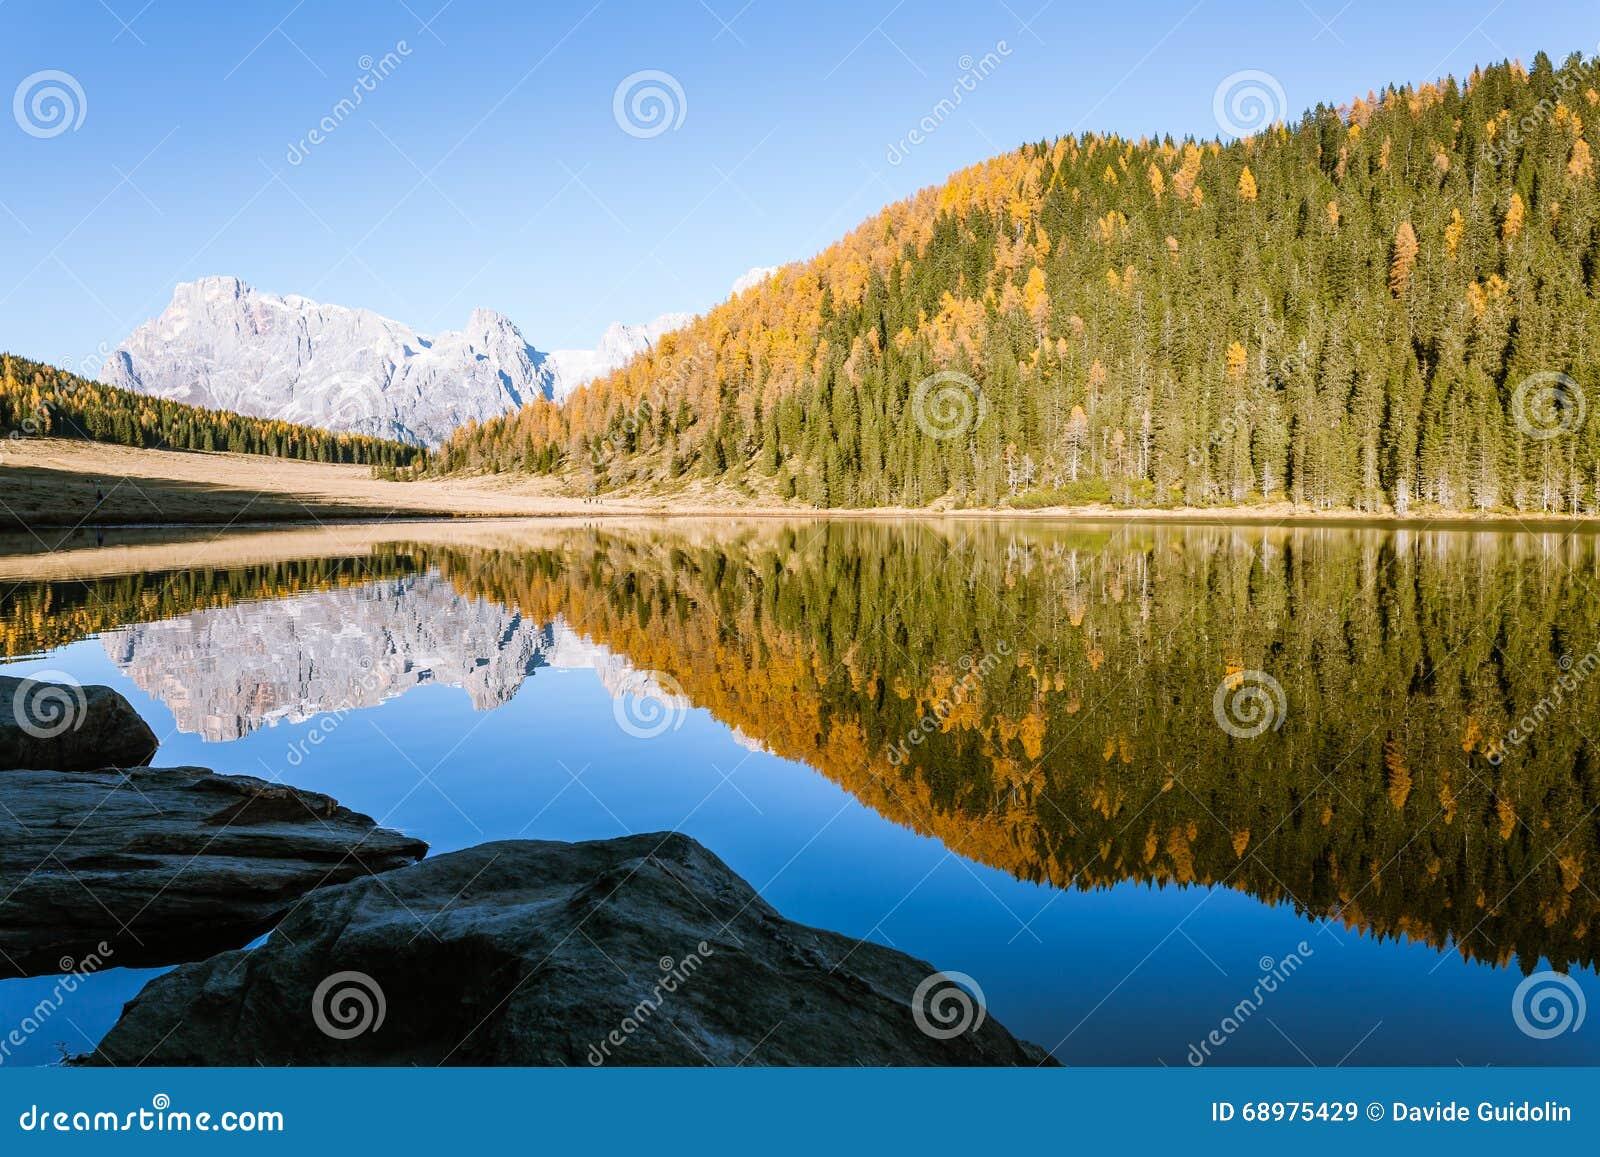 Reflexiones en el agua, panorama del otoño del lago de la montaña